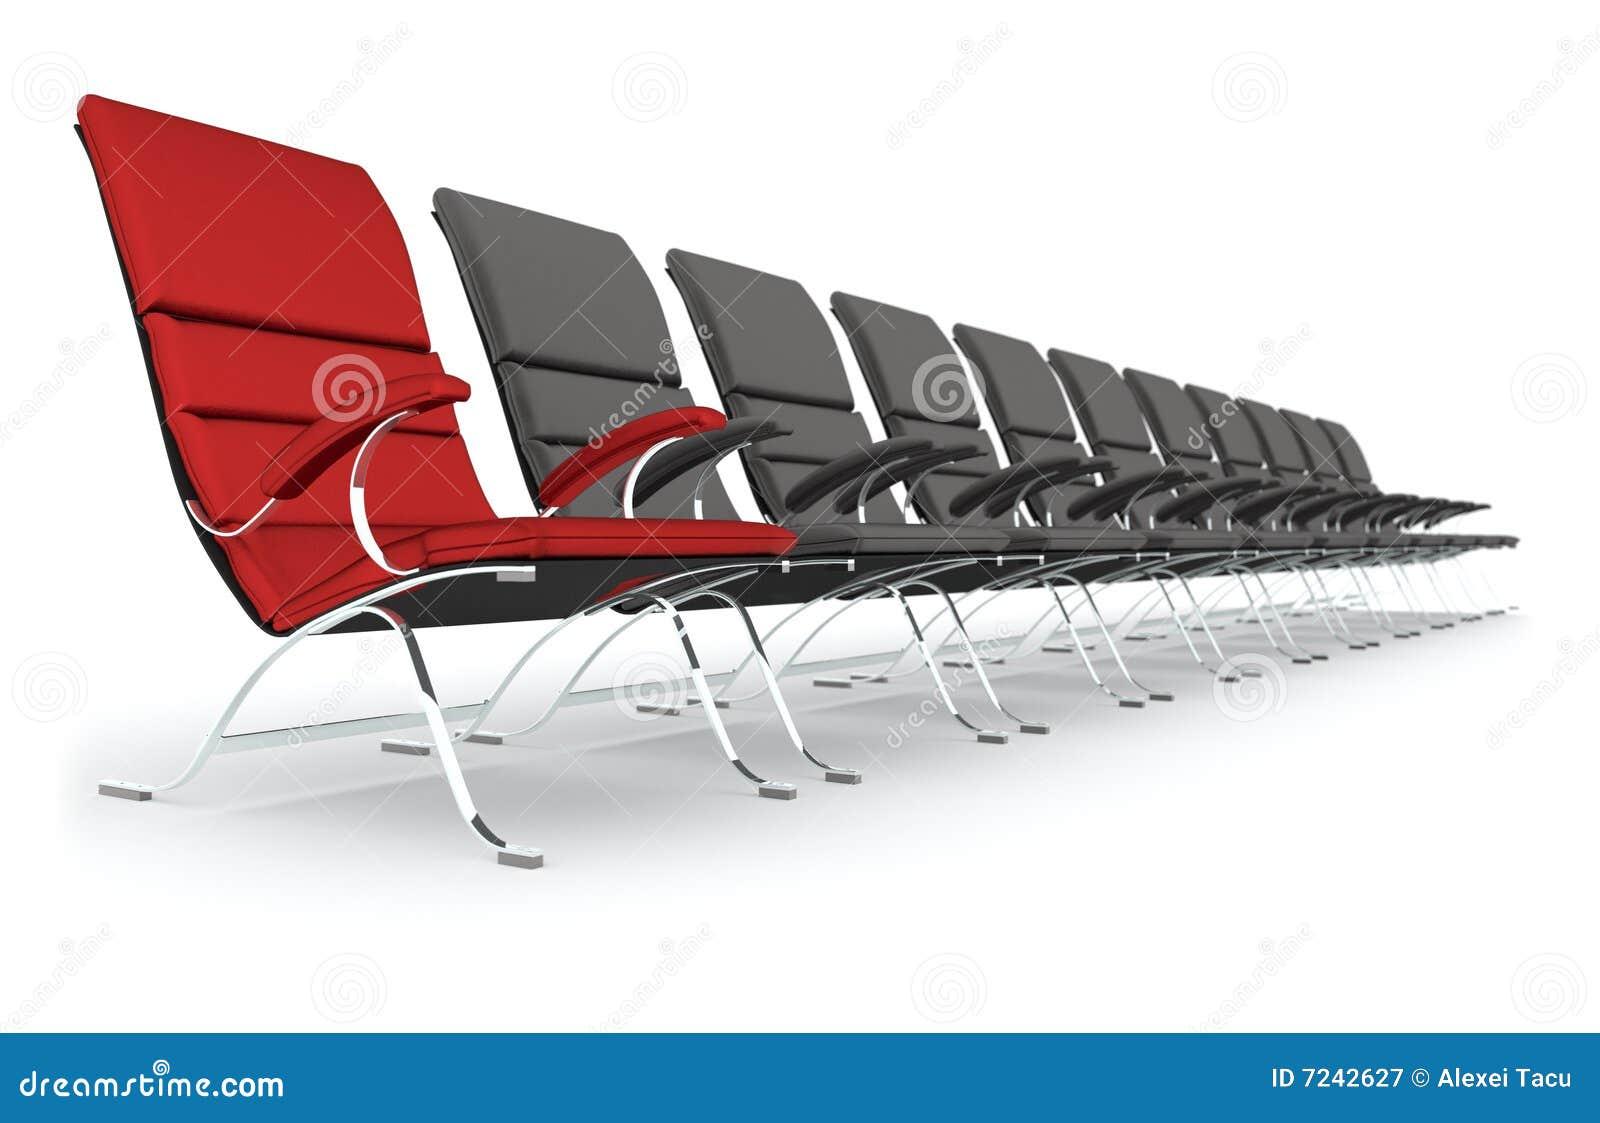 schwarze lederne st hle mit der roten stuhlf hrung. Black Bedroom Furniture Sets. Home Design Ideas